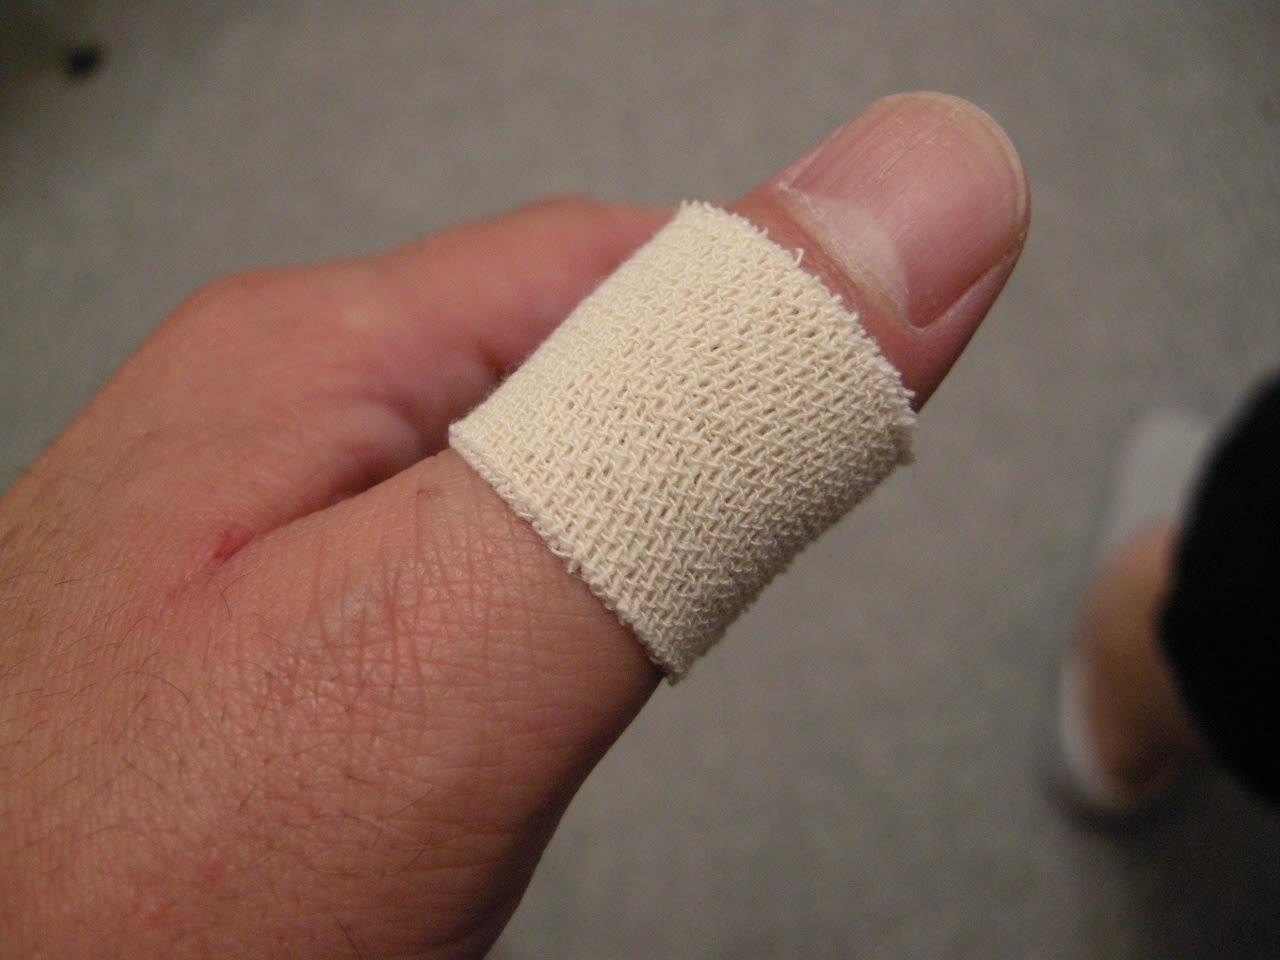 親指 の 付け根 が 痛い